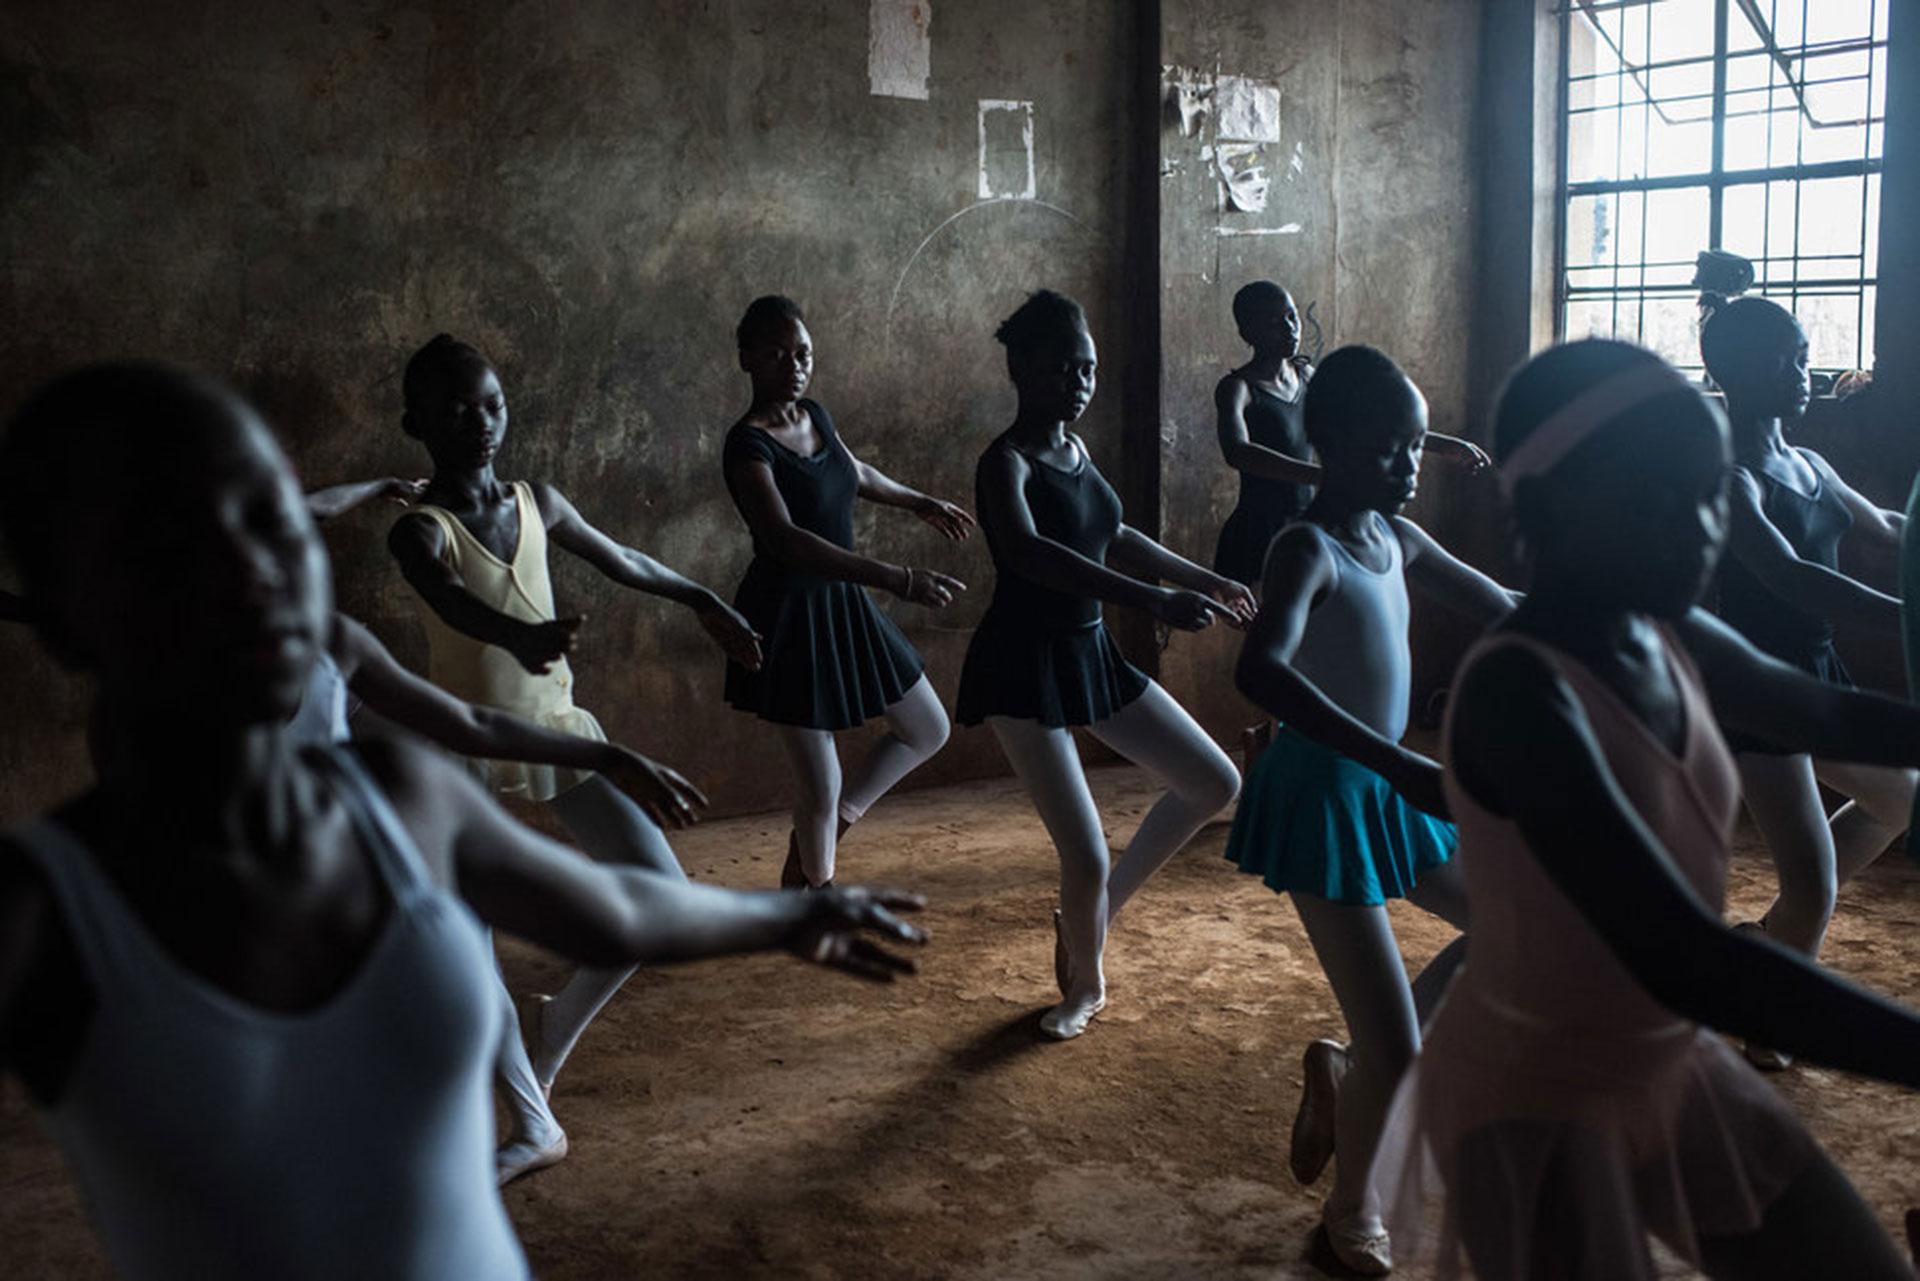 """Competencia """"Profesional"""" – Categoría """"Temas Contemporáneos"""": una clase de ballet en Spurgeons Academy, una escuela en Kibera, un asentamiento informal en los suburbios de Nairobi, la capital de Kenia. (Gentileza Sony World Photography Awards)"""